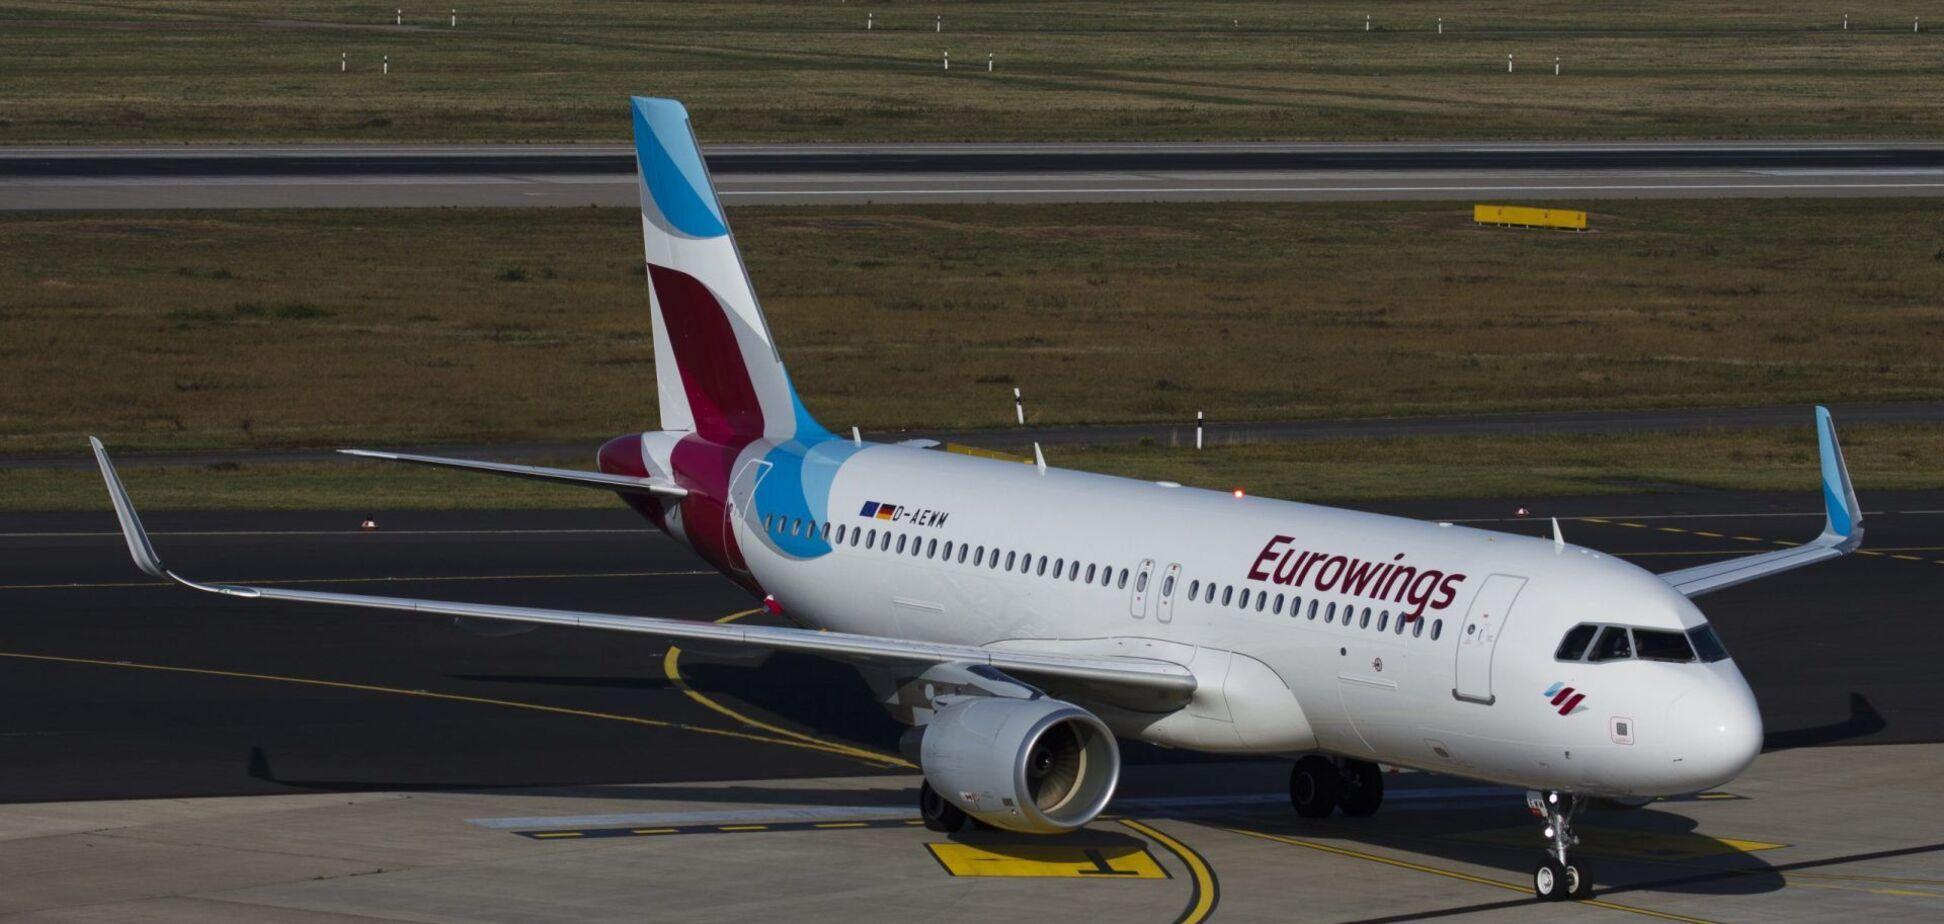 Самолет Eurowings